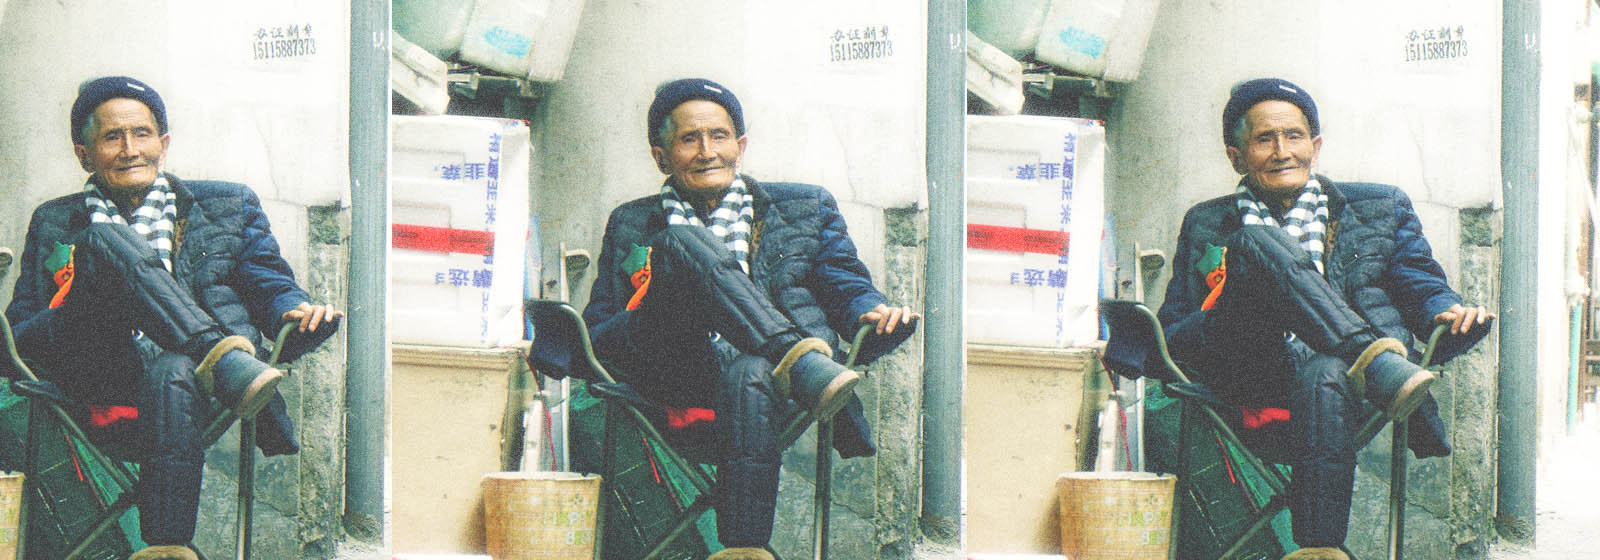 Китайские пенсионеры умеют жить